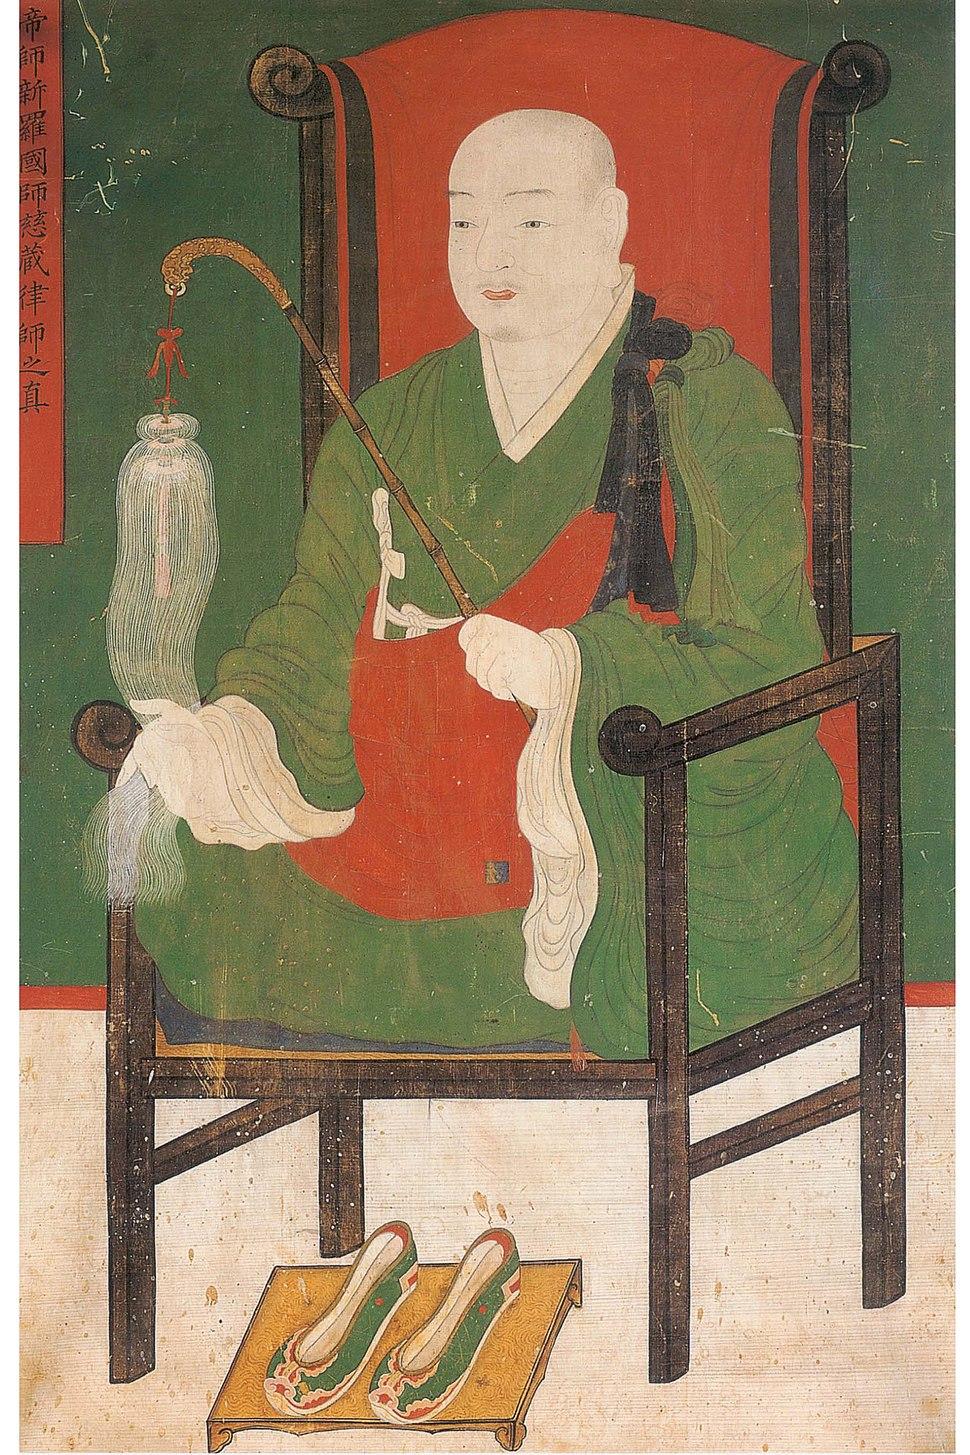 Jajang-monk